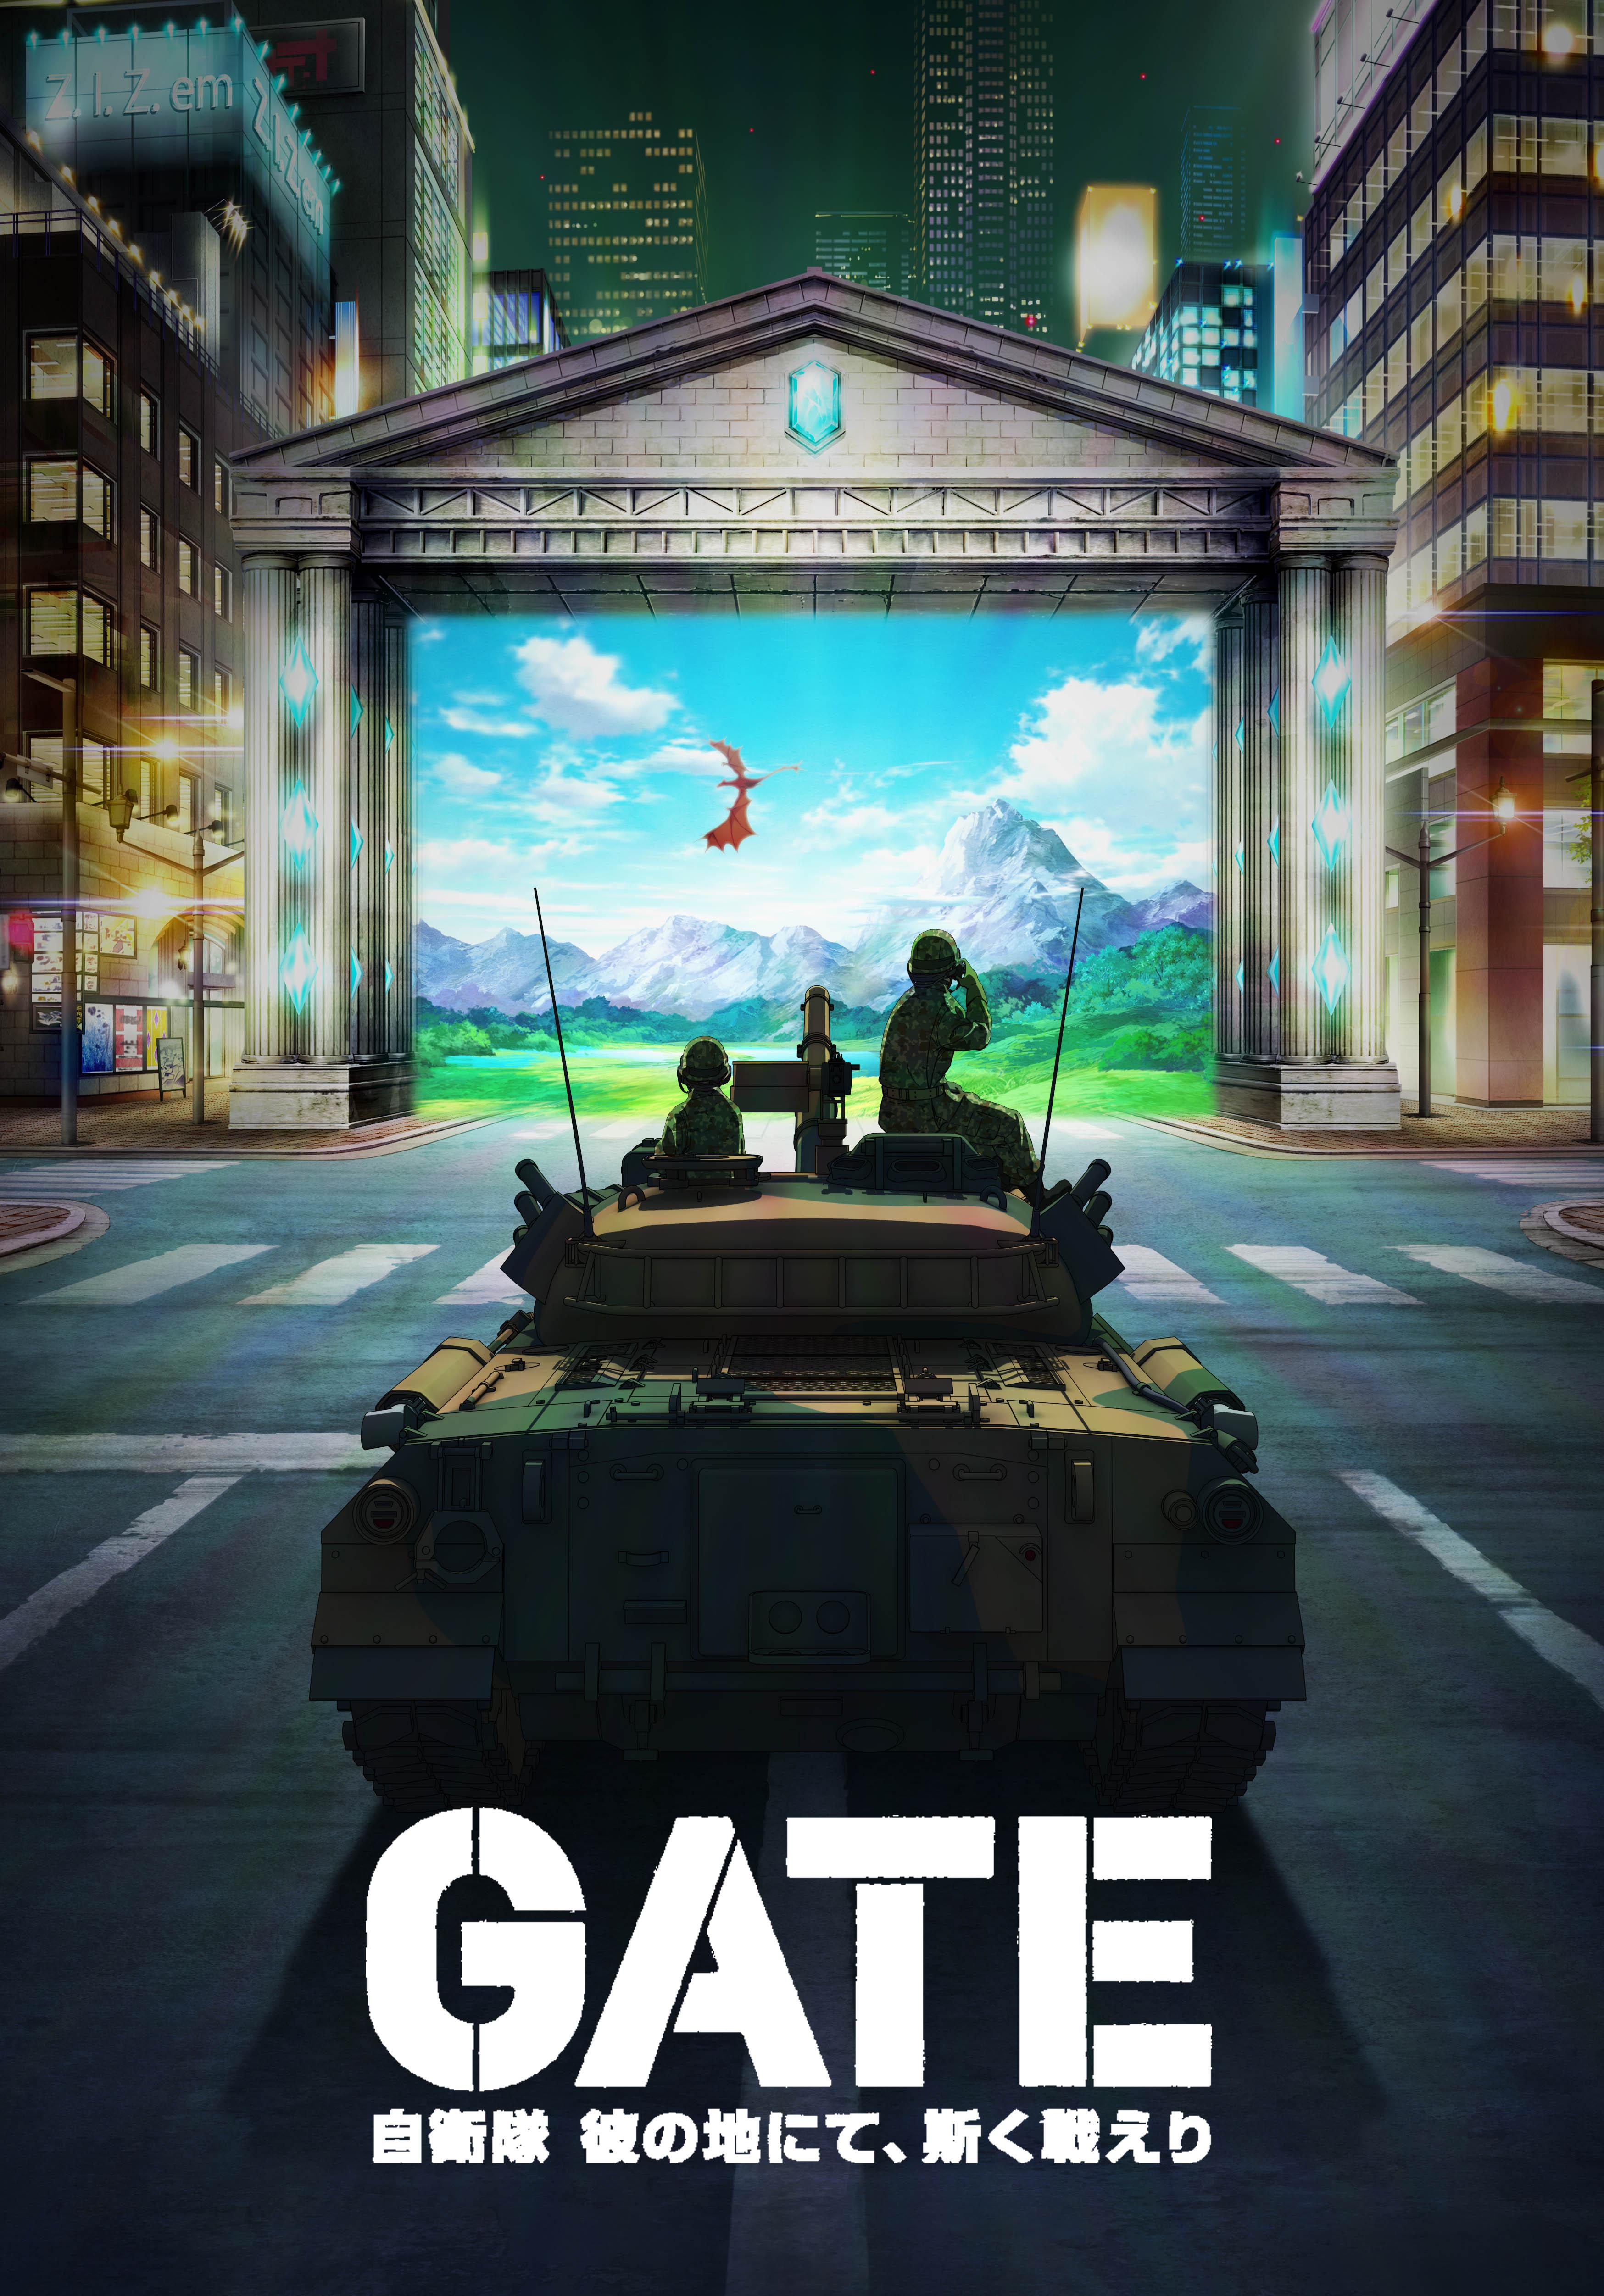 の 地 斯く 戦 に 彼 えり gate て 自衛隊